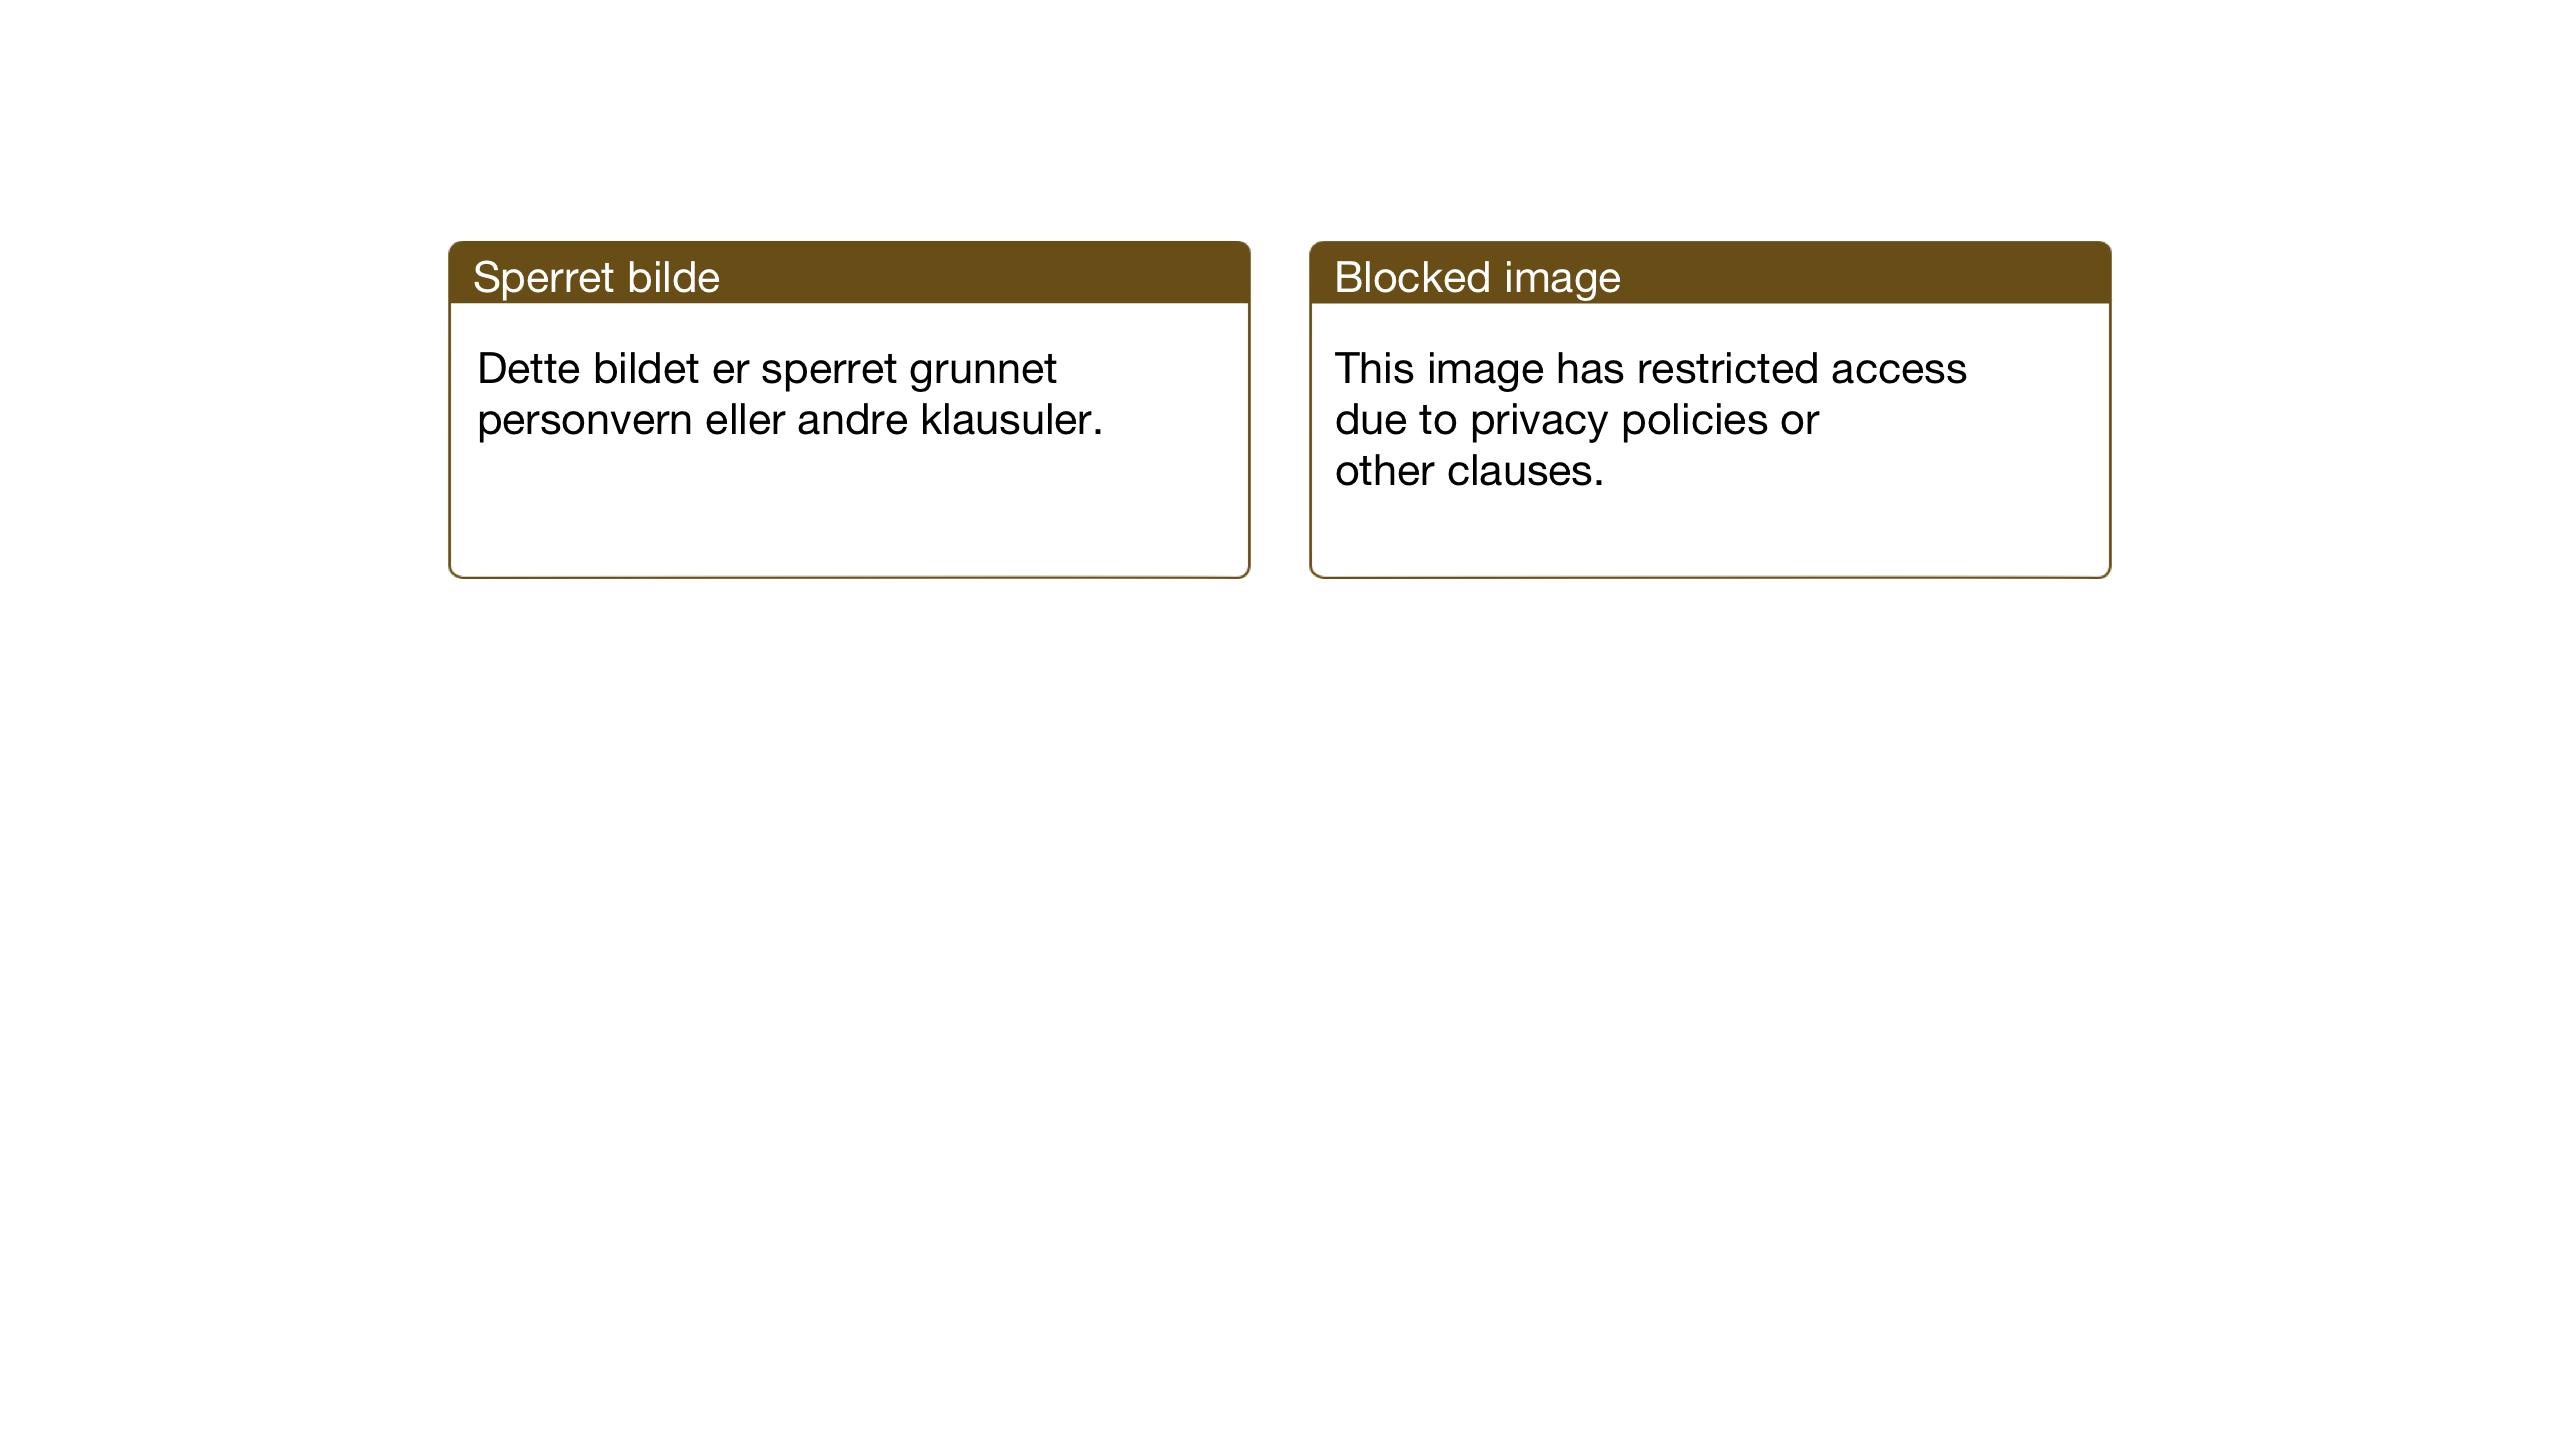 SAT, Ministerialprotokoller, klokkerbøker og fødselsregistre - Sør-Trøndelag, 651/L0648: Klokkerbok nr. 651C02, 1915-1945, s. 94